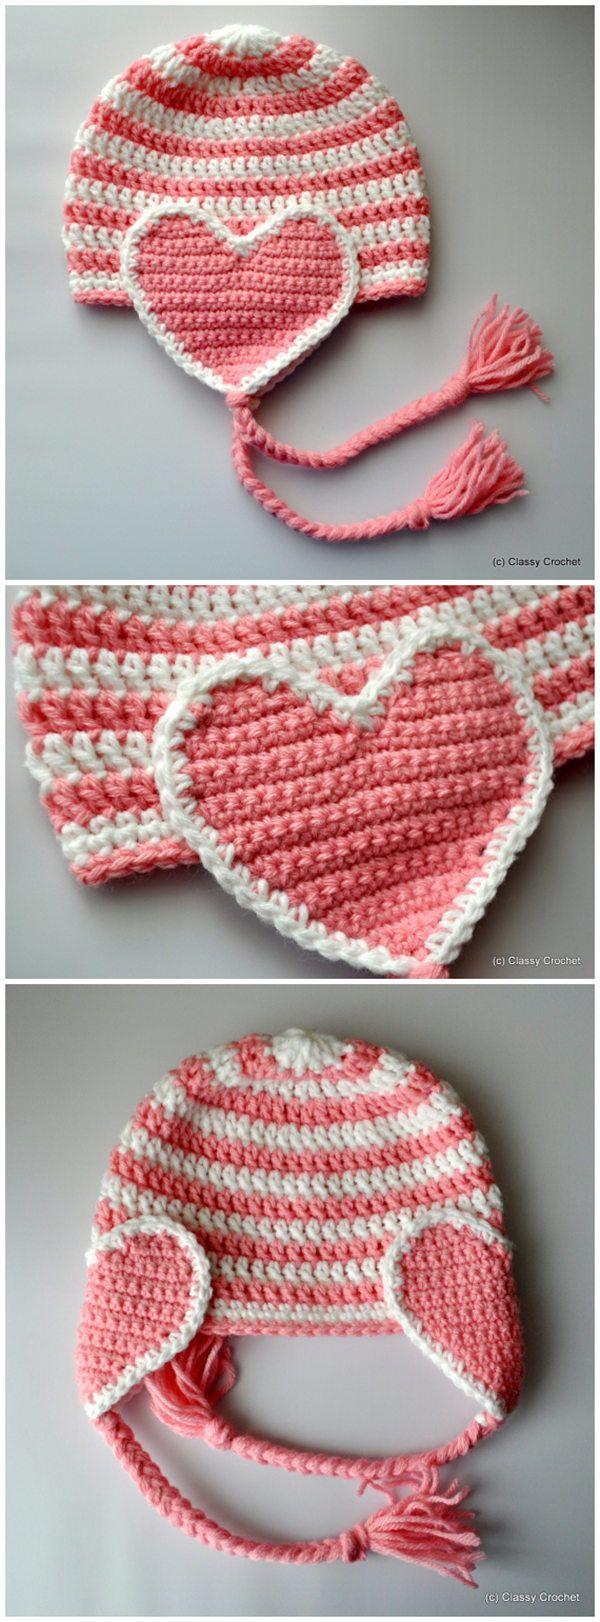 Crochet Valentine Heart Earflap Hat | Free Crochet Patterns ...